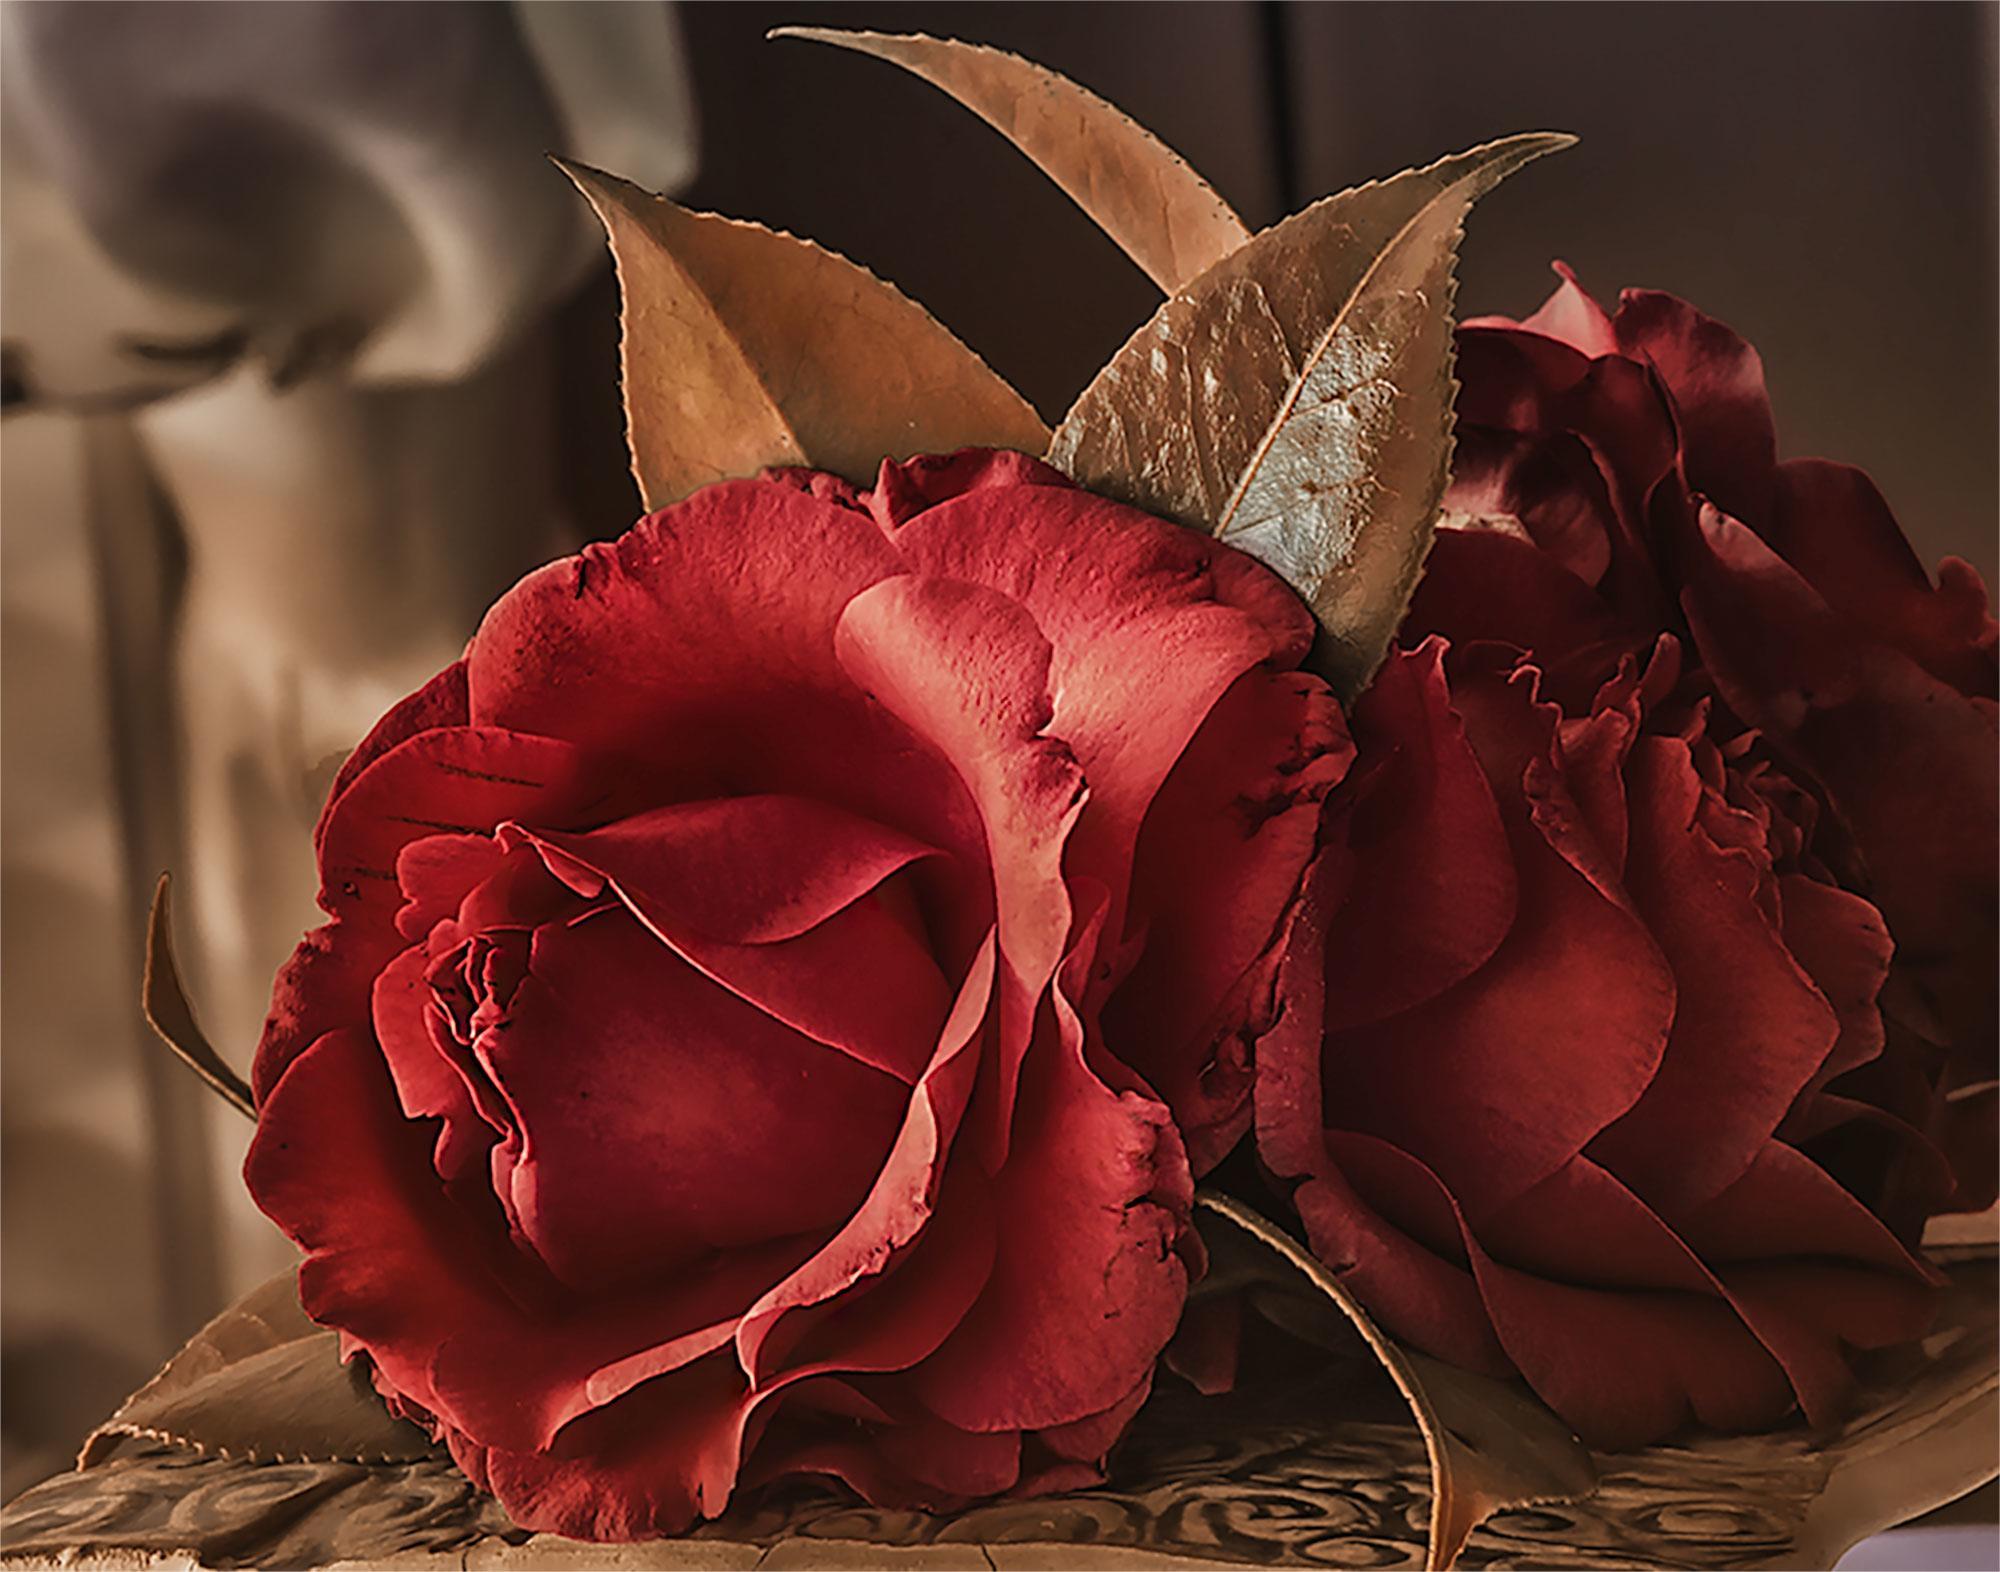 DIY Workshop: Holiday Camellias Flower-Making Workshop